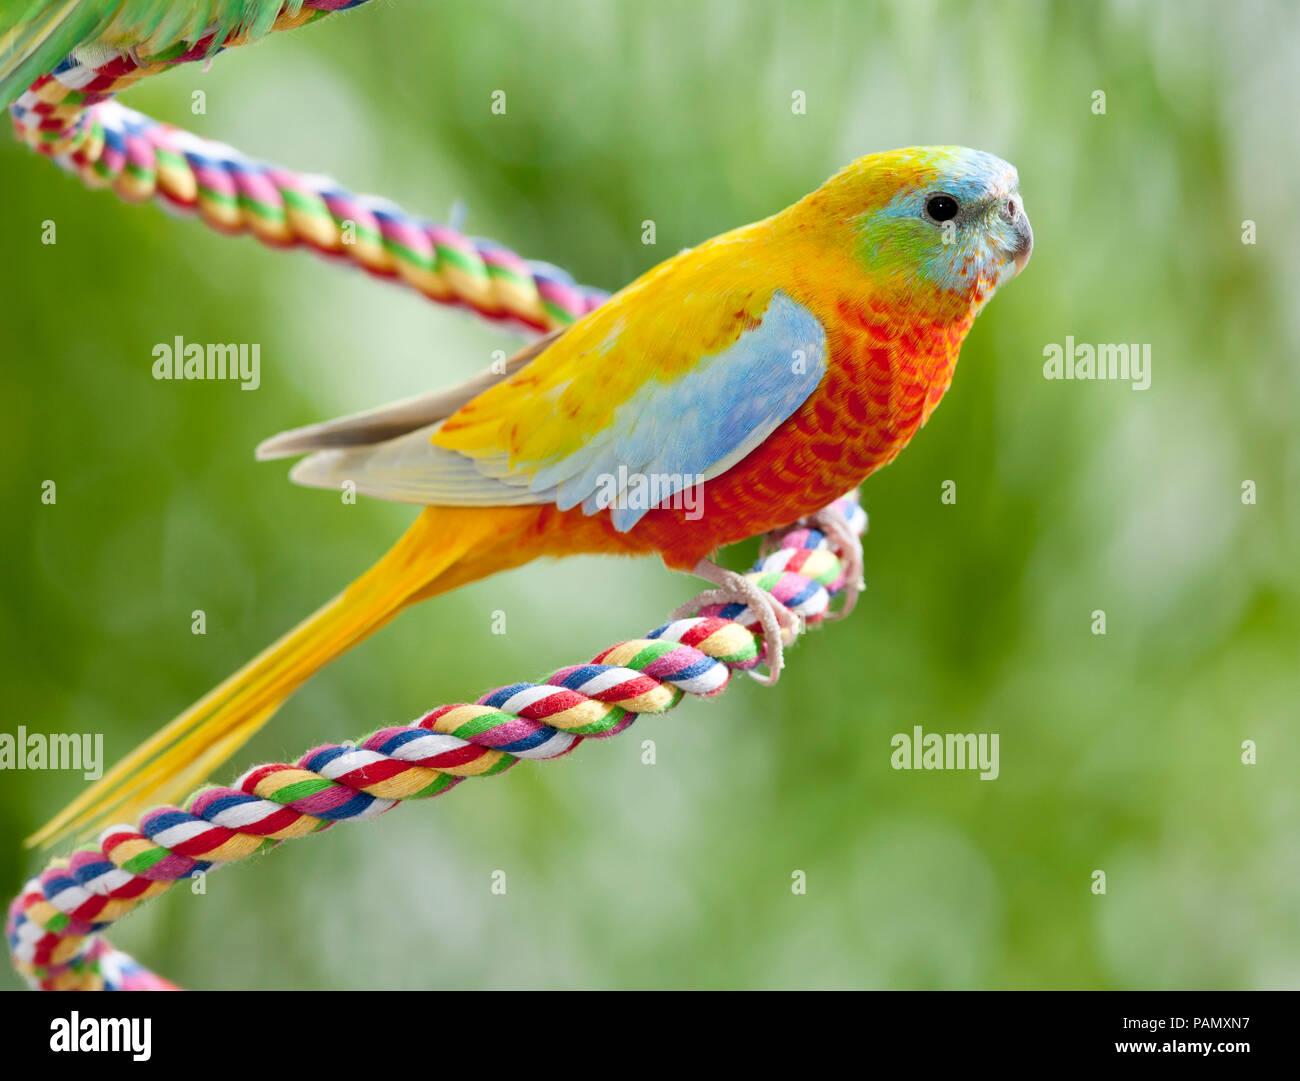 Türkis Papagei (Neophema pulchella). Nach Vogel thront auf einem Seil. Deutschland. Stockbild